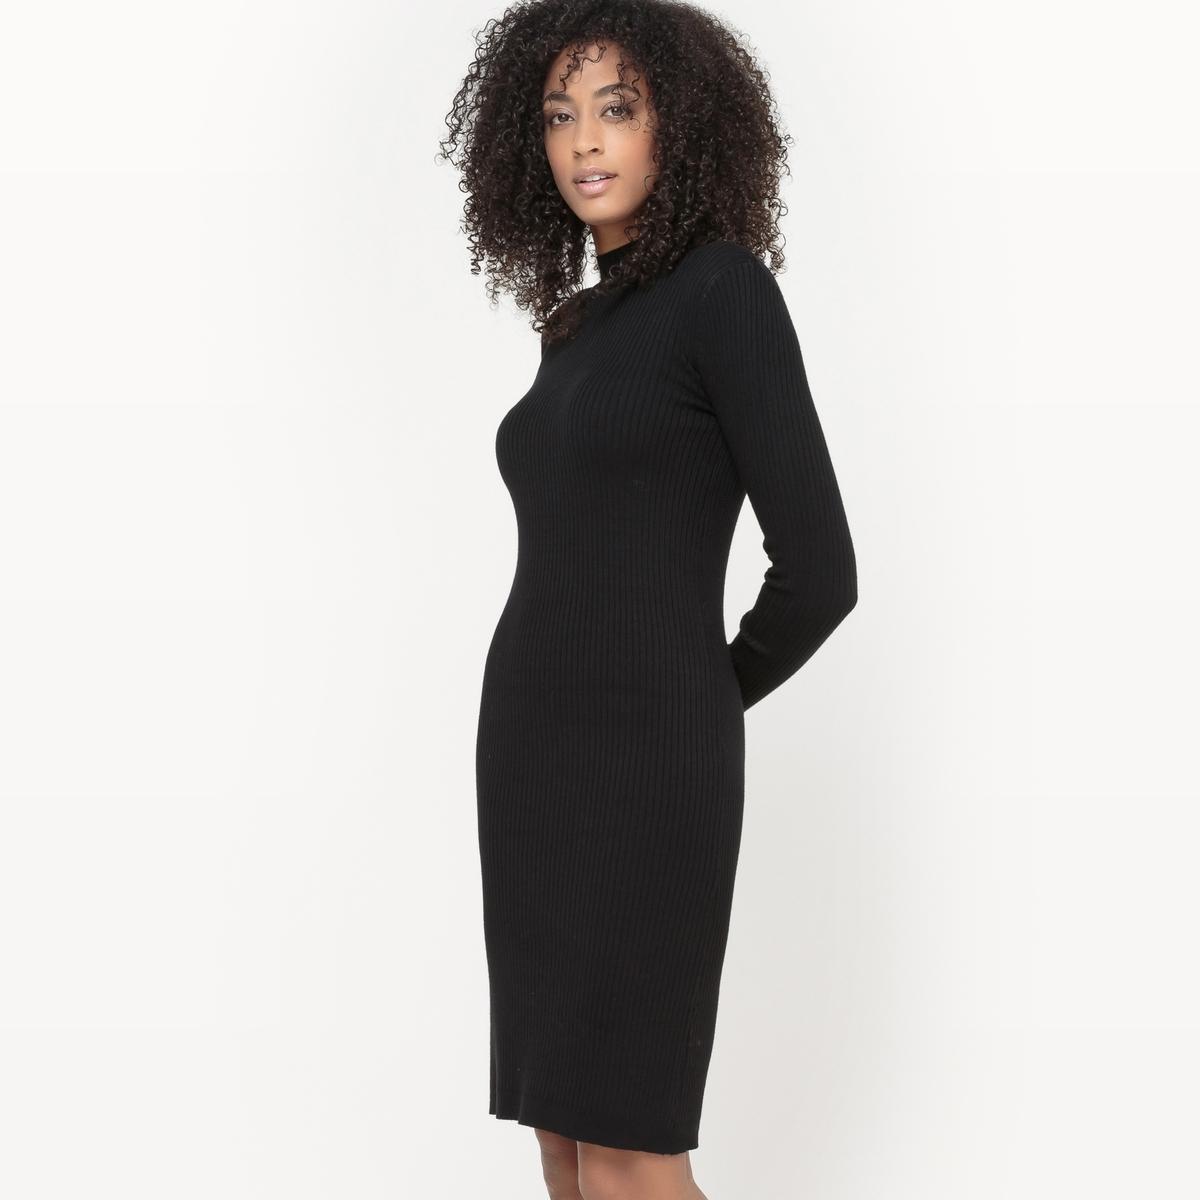 Платье-пуловер с воротником-стойкаПлатье-пуловер из ребристого трикотажа . Длинные рукава. Высокий воротник. Прилегающий к телу покрой. Состав и описаниеМатериал : 80% вискозы, 20% полиамидаДлина : 95 смМарка :      R ?ditionУход: Машинная стирка при 30°C на деликатном режиме Стирать с вещами подобного цвета<br><br>Цвет: бордовый,черный<br>Размер: 46/48 (FR) - 52/54 (RUS)